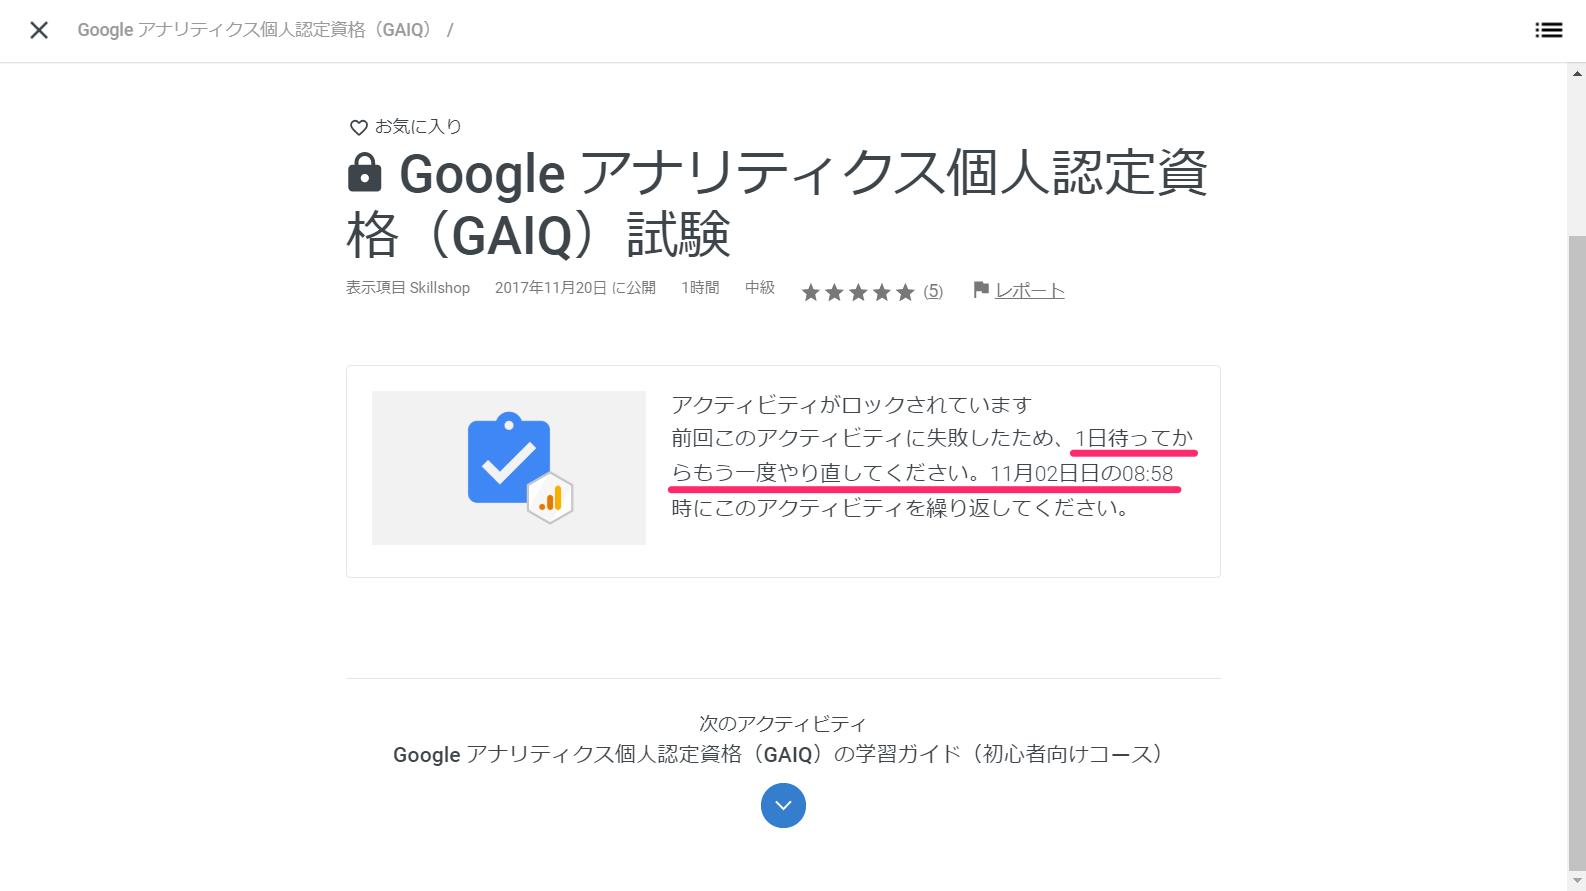 GAIQ(Googleアナリティクス個人認定資格)の受験方法【Googleスキルショップ対応】